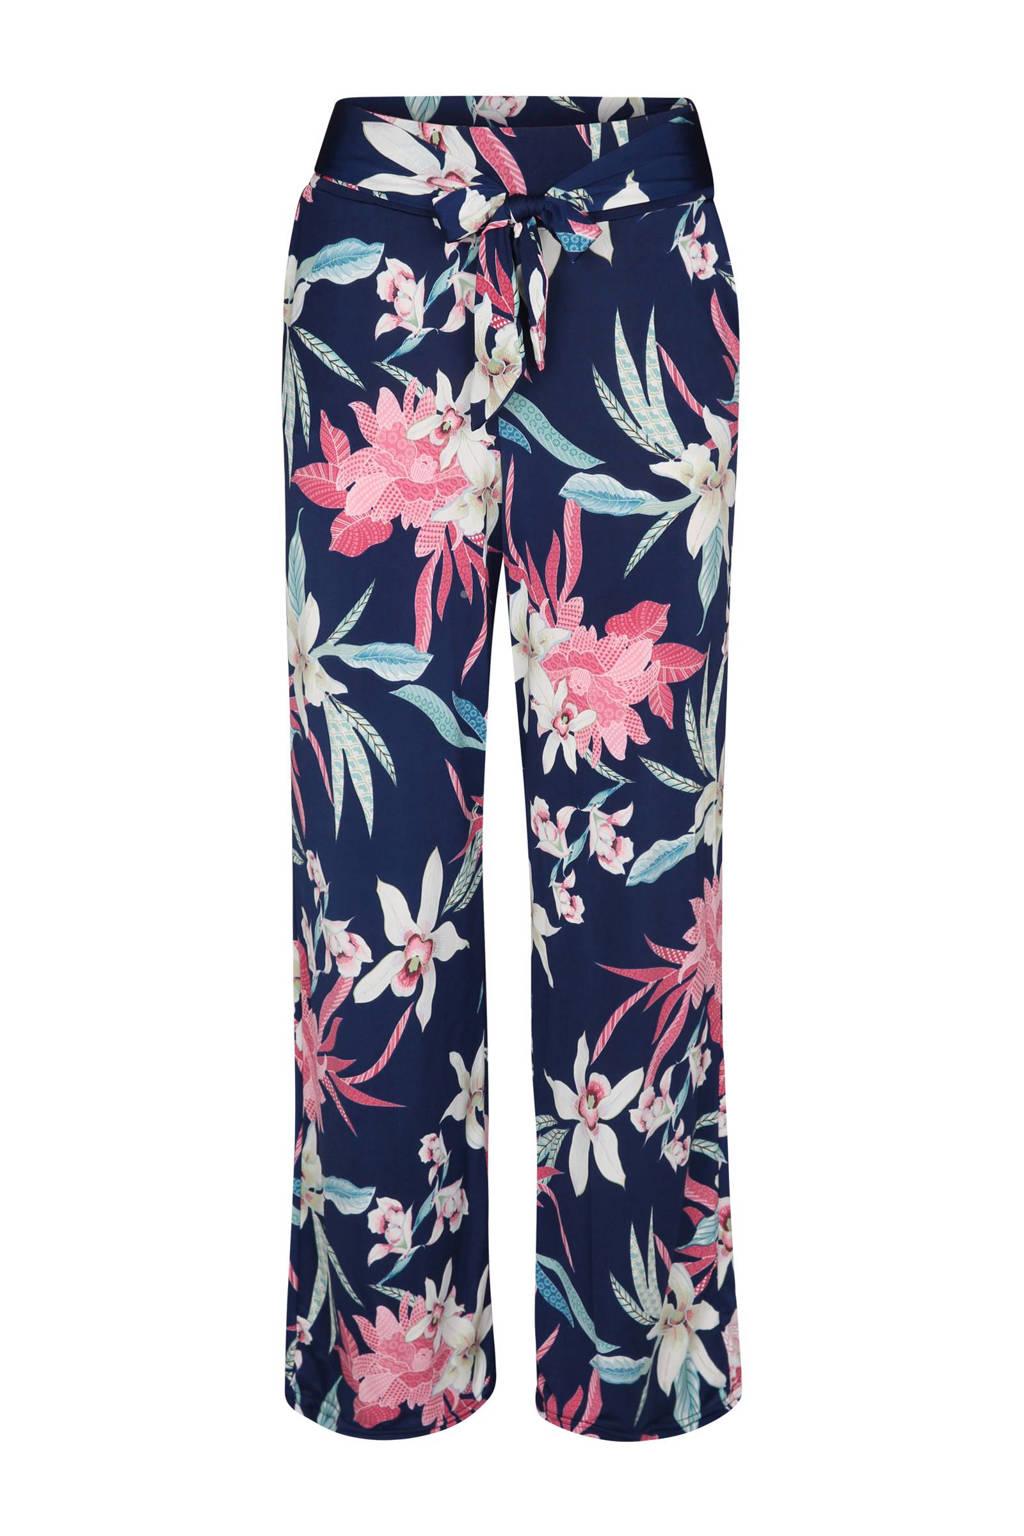 Cassis gebloemde broek marine, Marine/roze